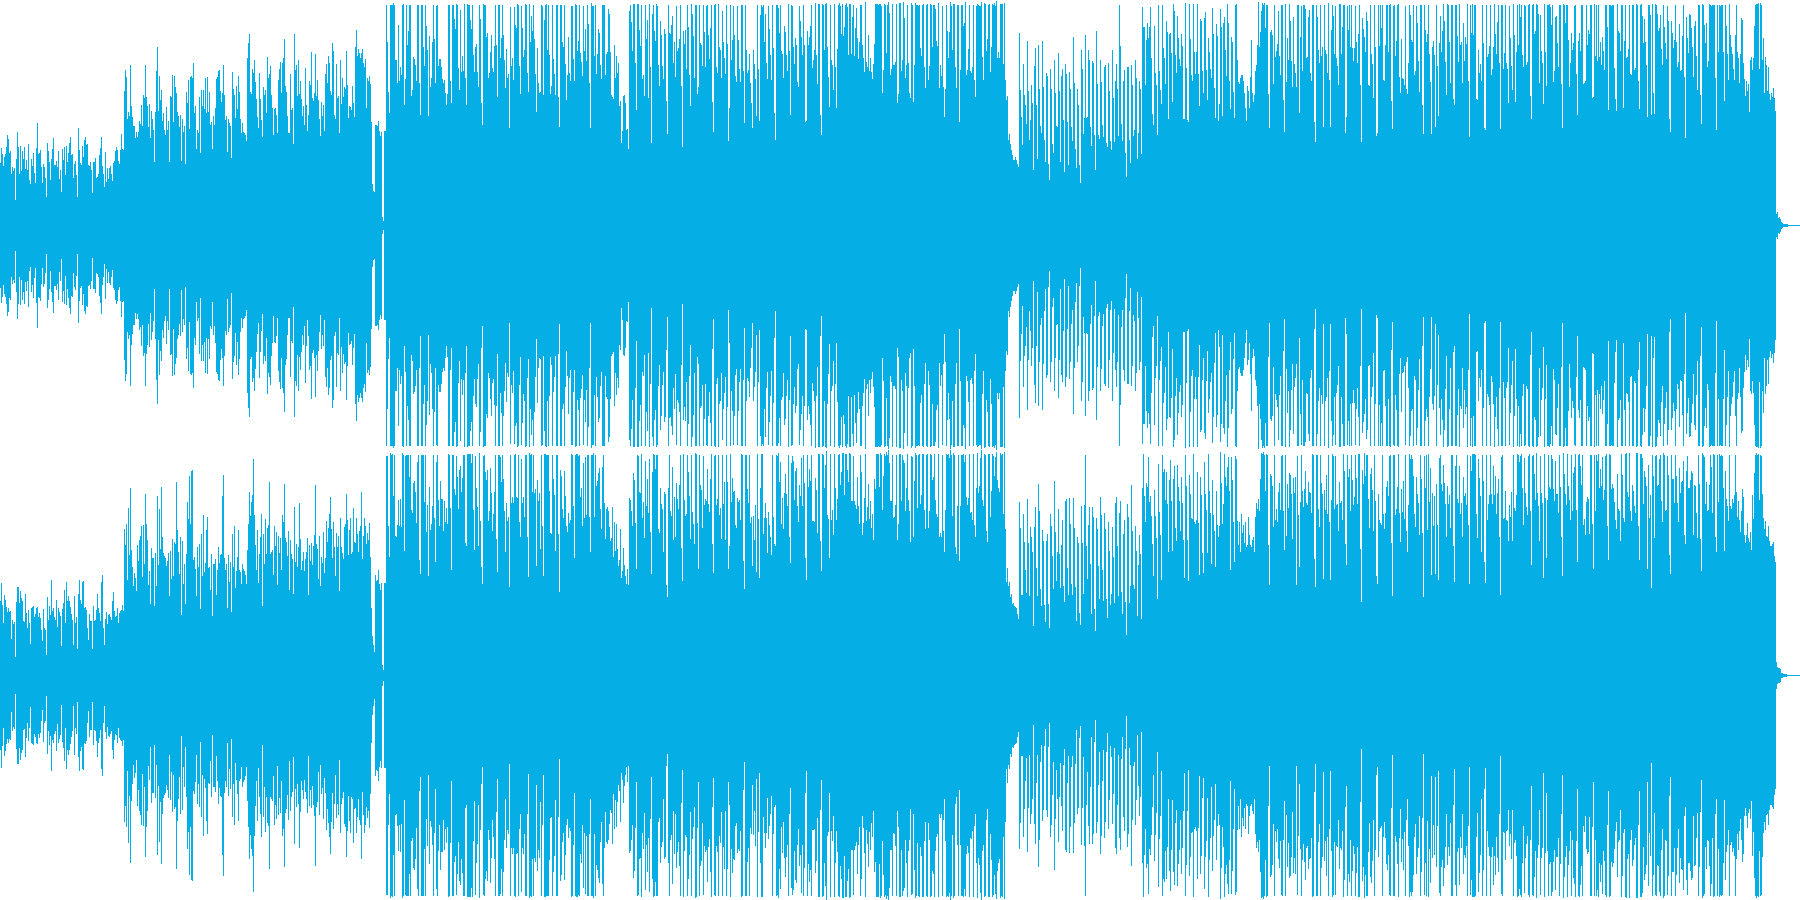 スピード感のあるポップハウス曲の再生済みの波形